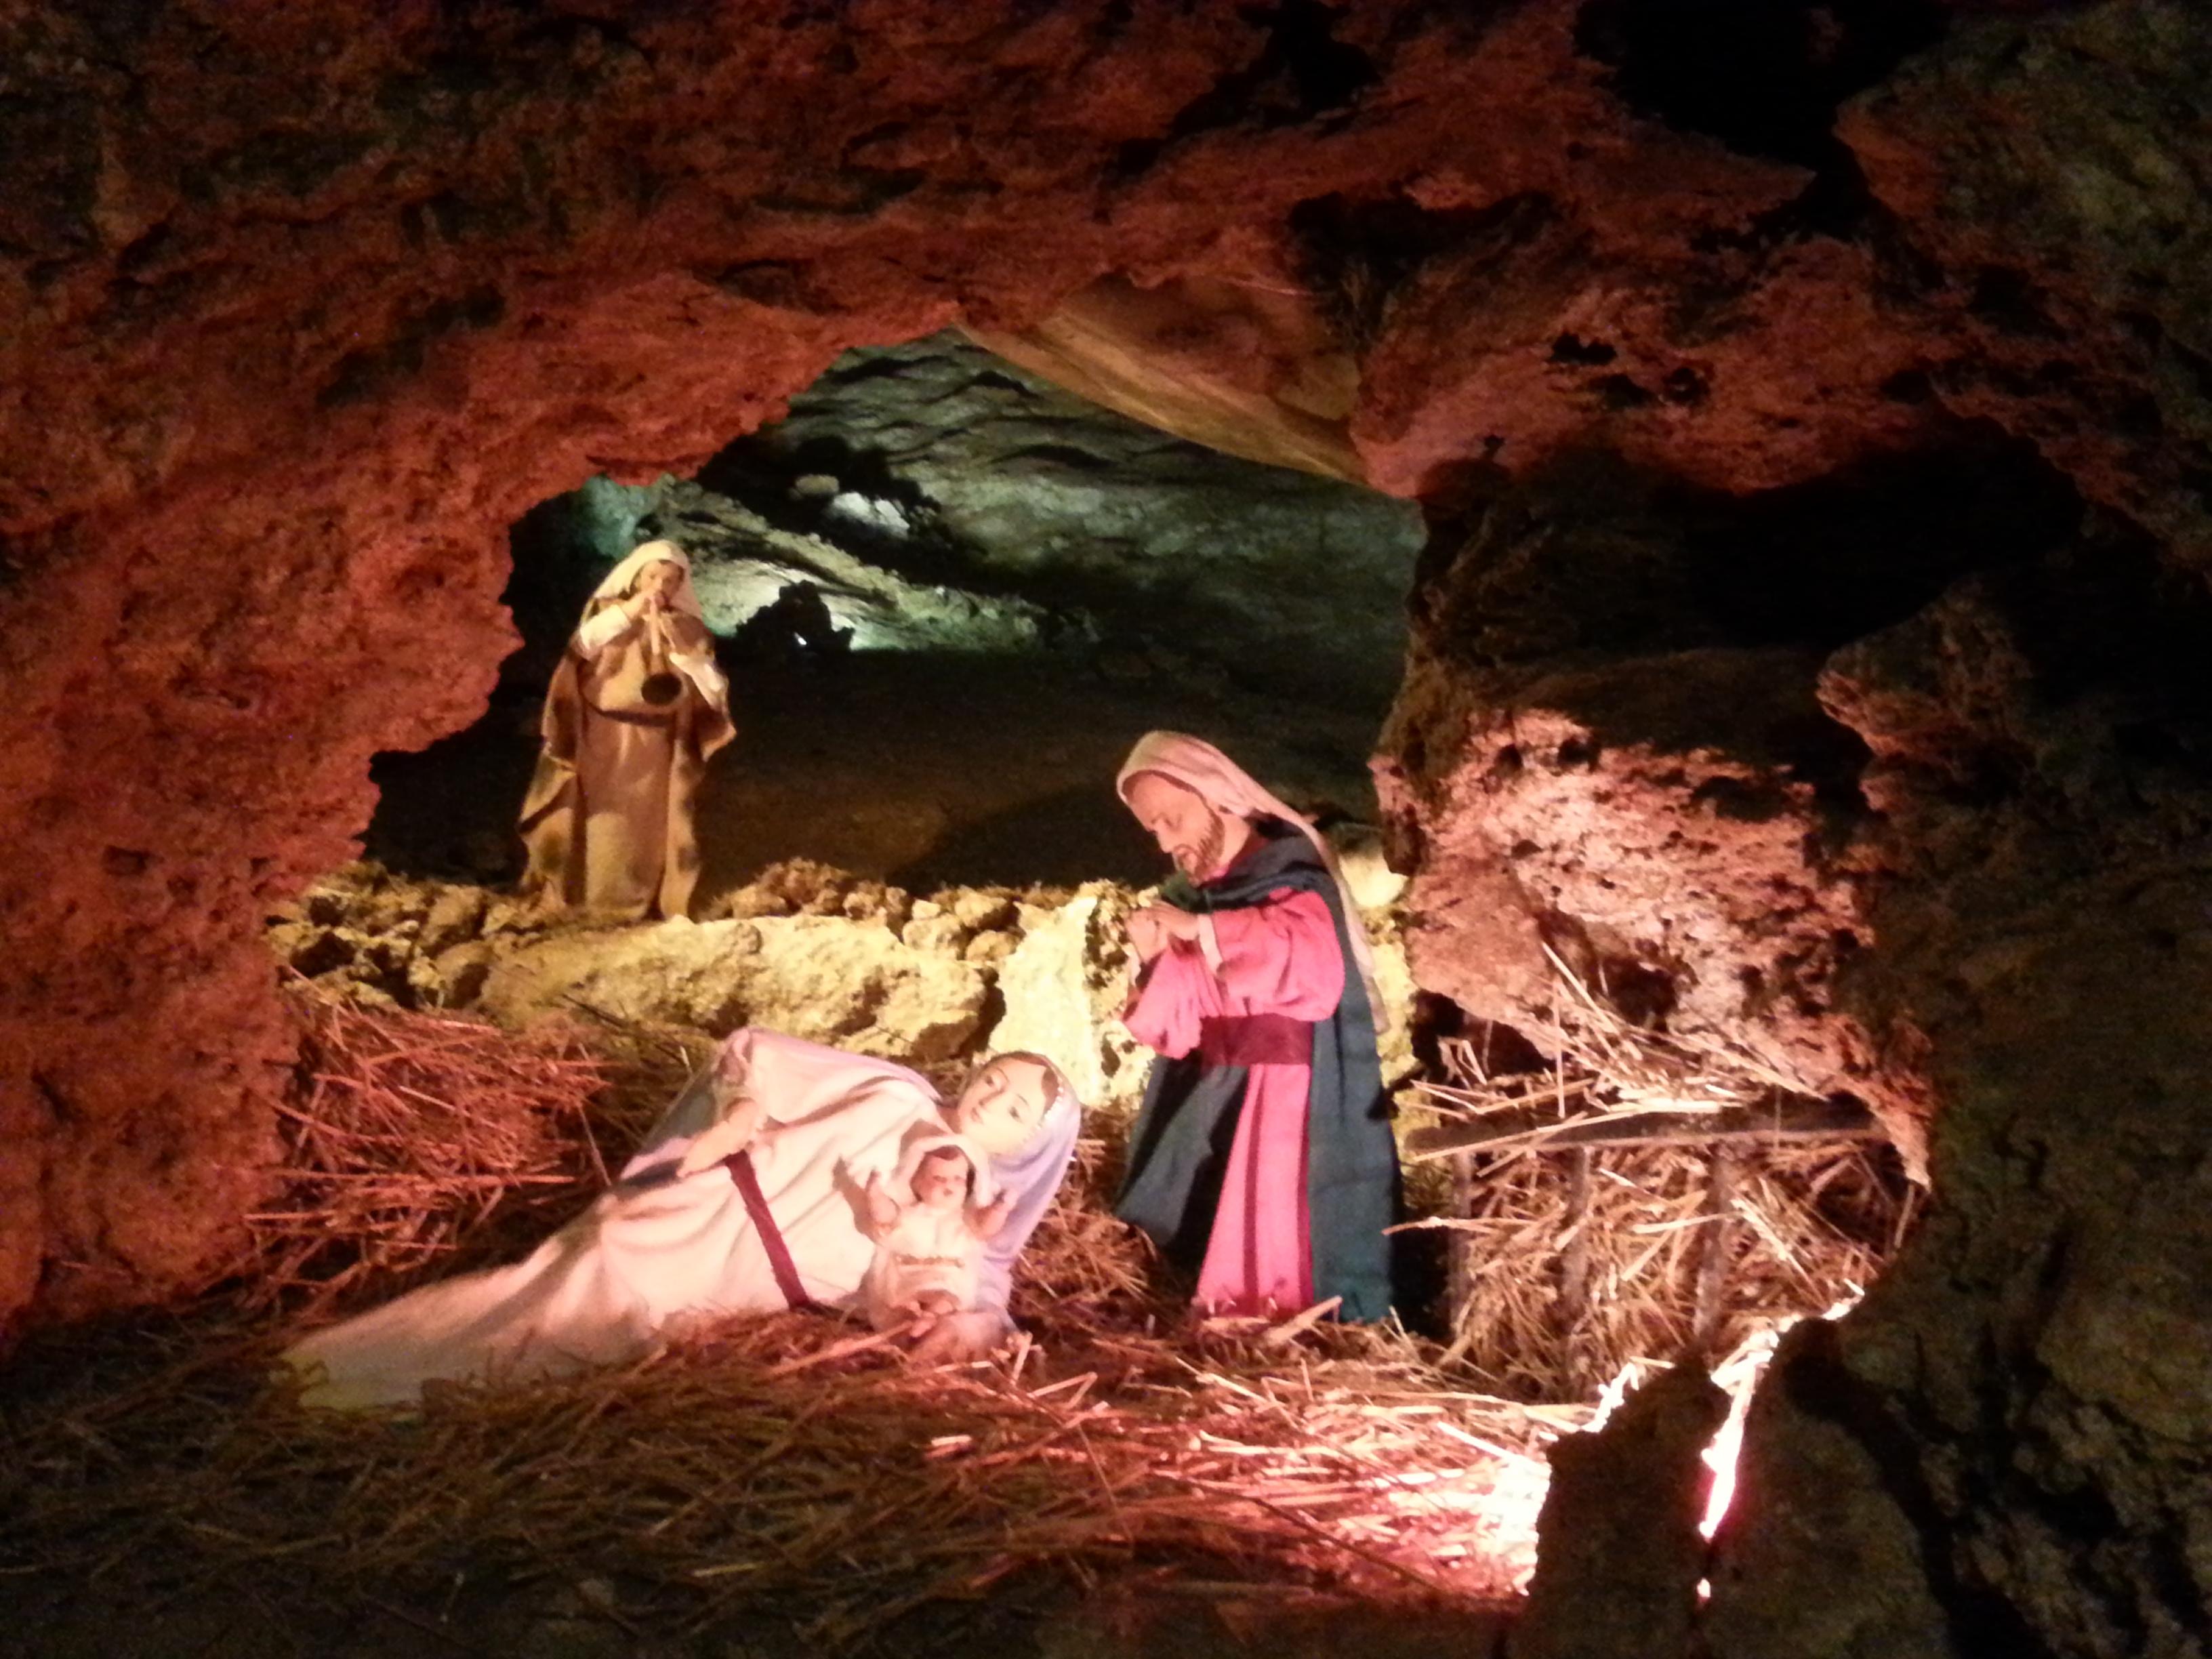 Presepi allestiti nelle grotte della solfatara a predappio